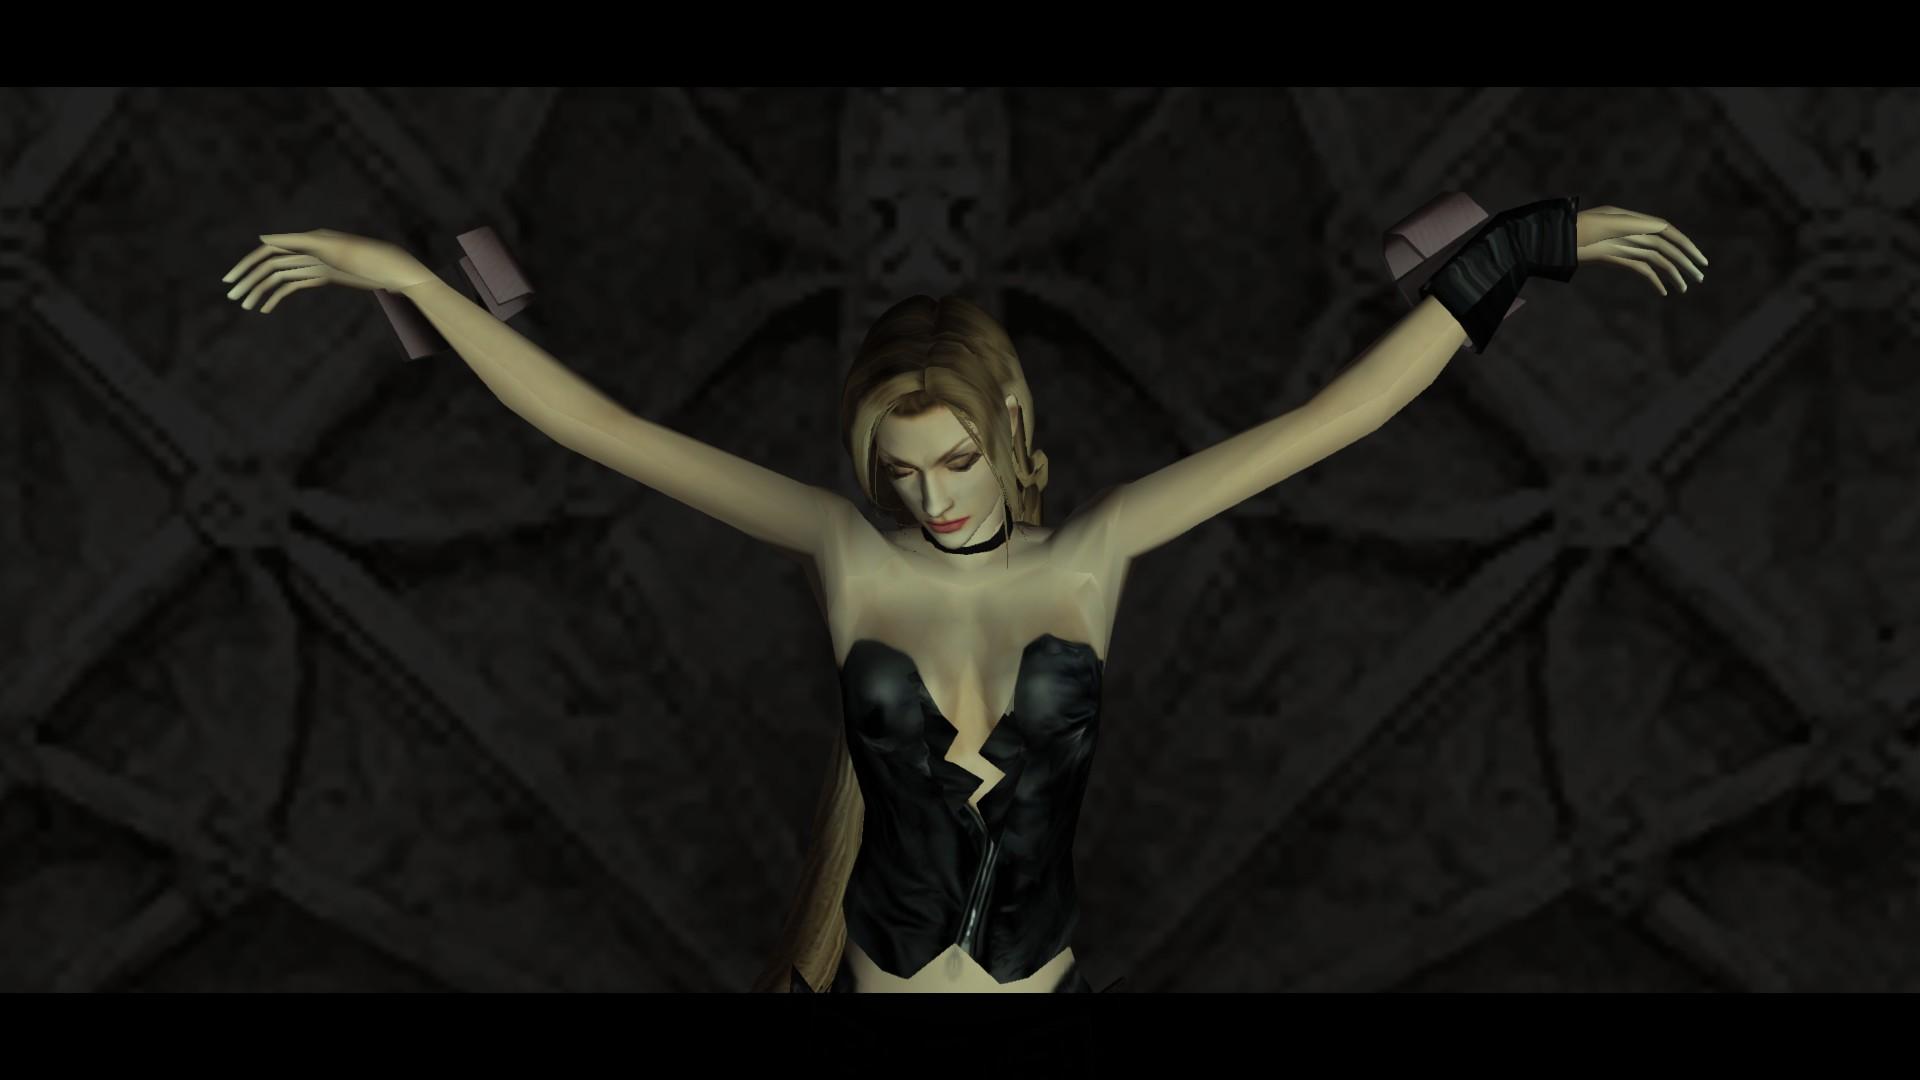 Пост-прохождение Devil May Cry Часть 8 ФИНАЛ. - Изображение 7